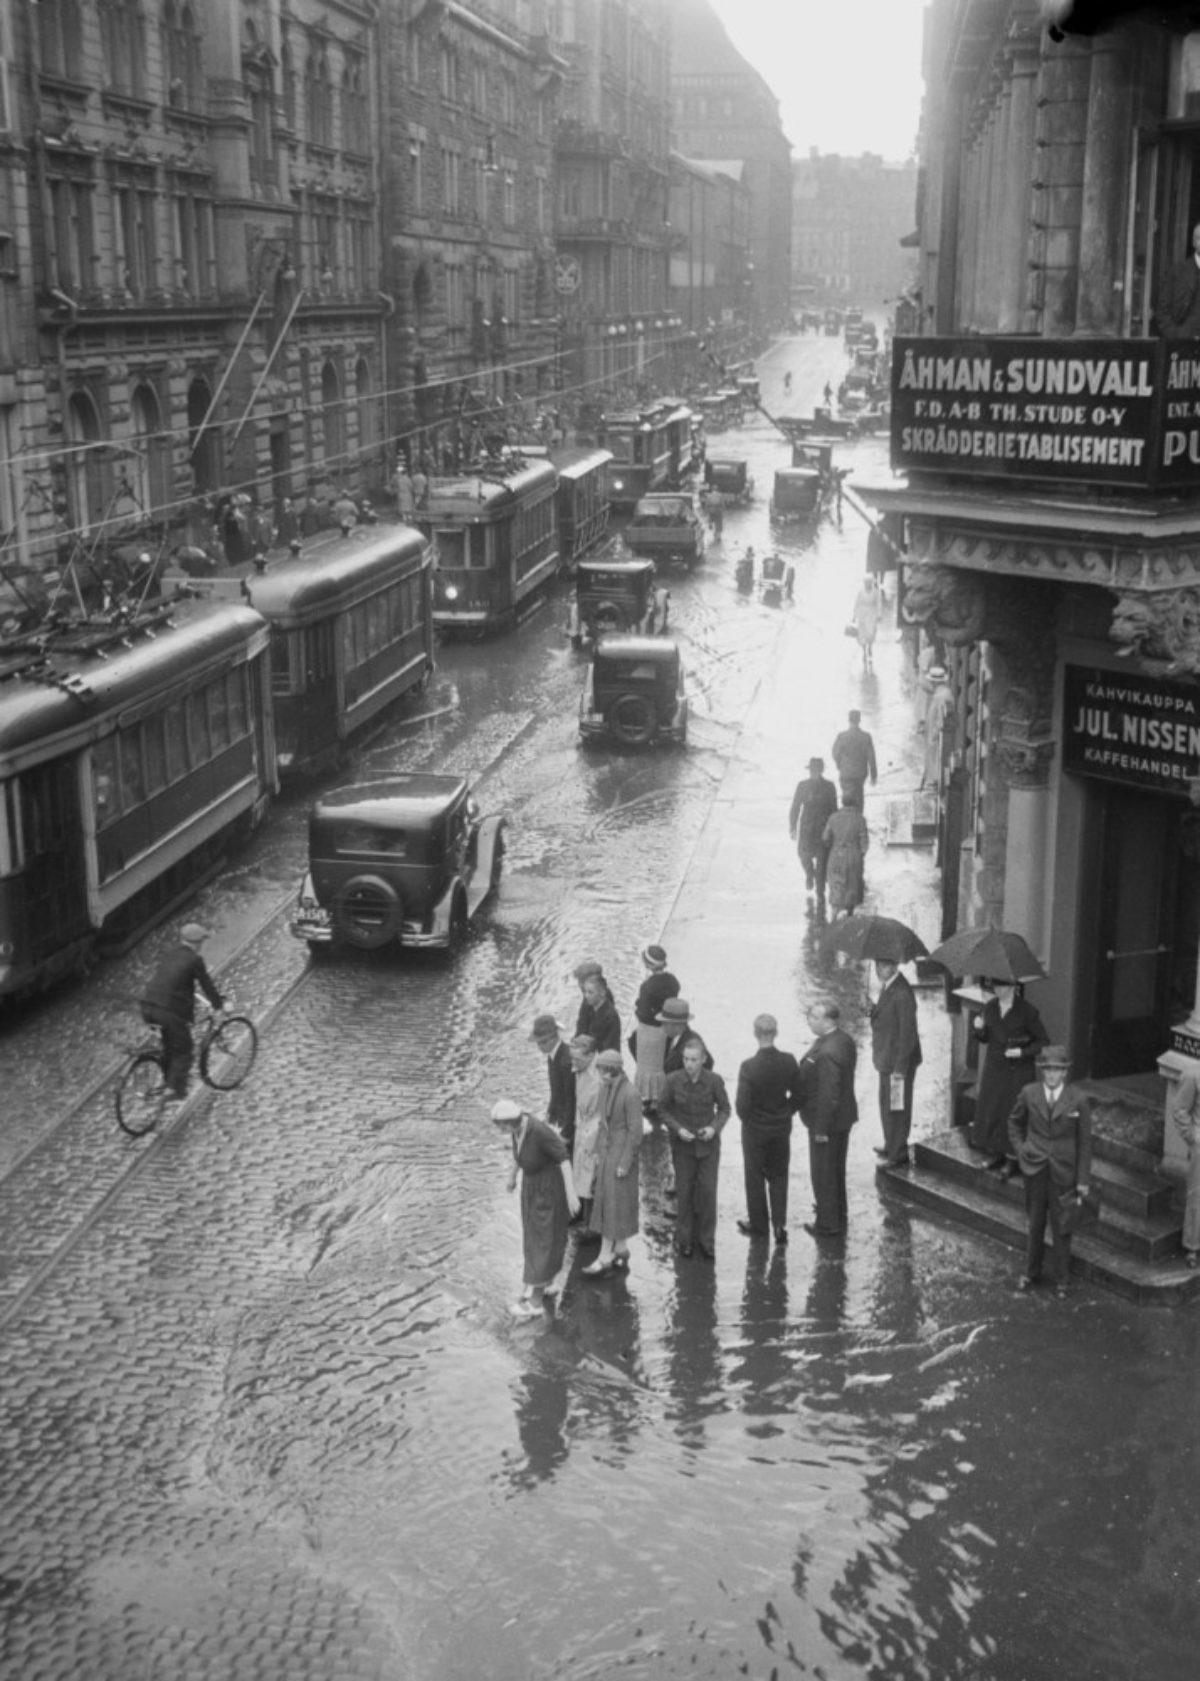 Kluuvissa tulvii elokuussa 1934. Kuva: Aarne Pietinen Oy / Museoviraston Kuvakokoelmat / Kuvankäsittely Keijo Laajisto